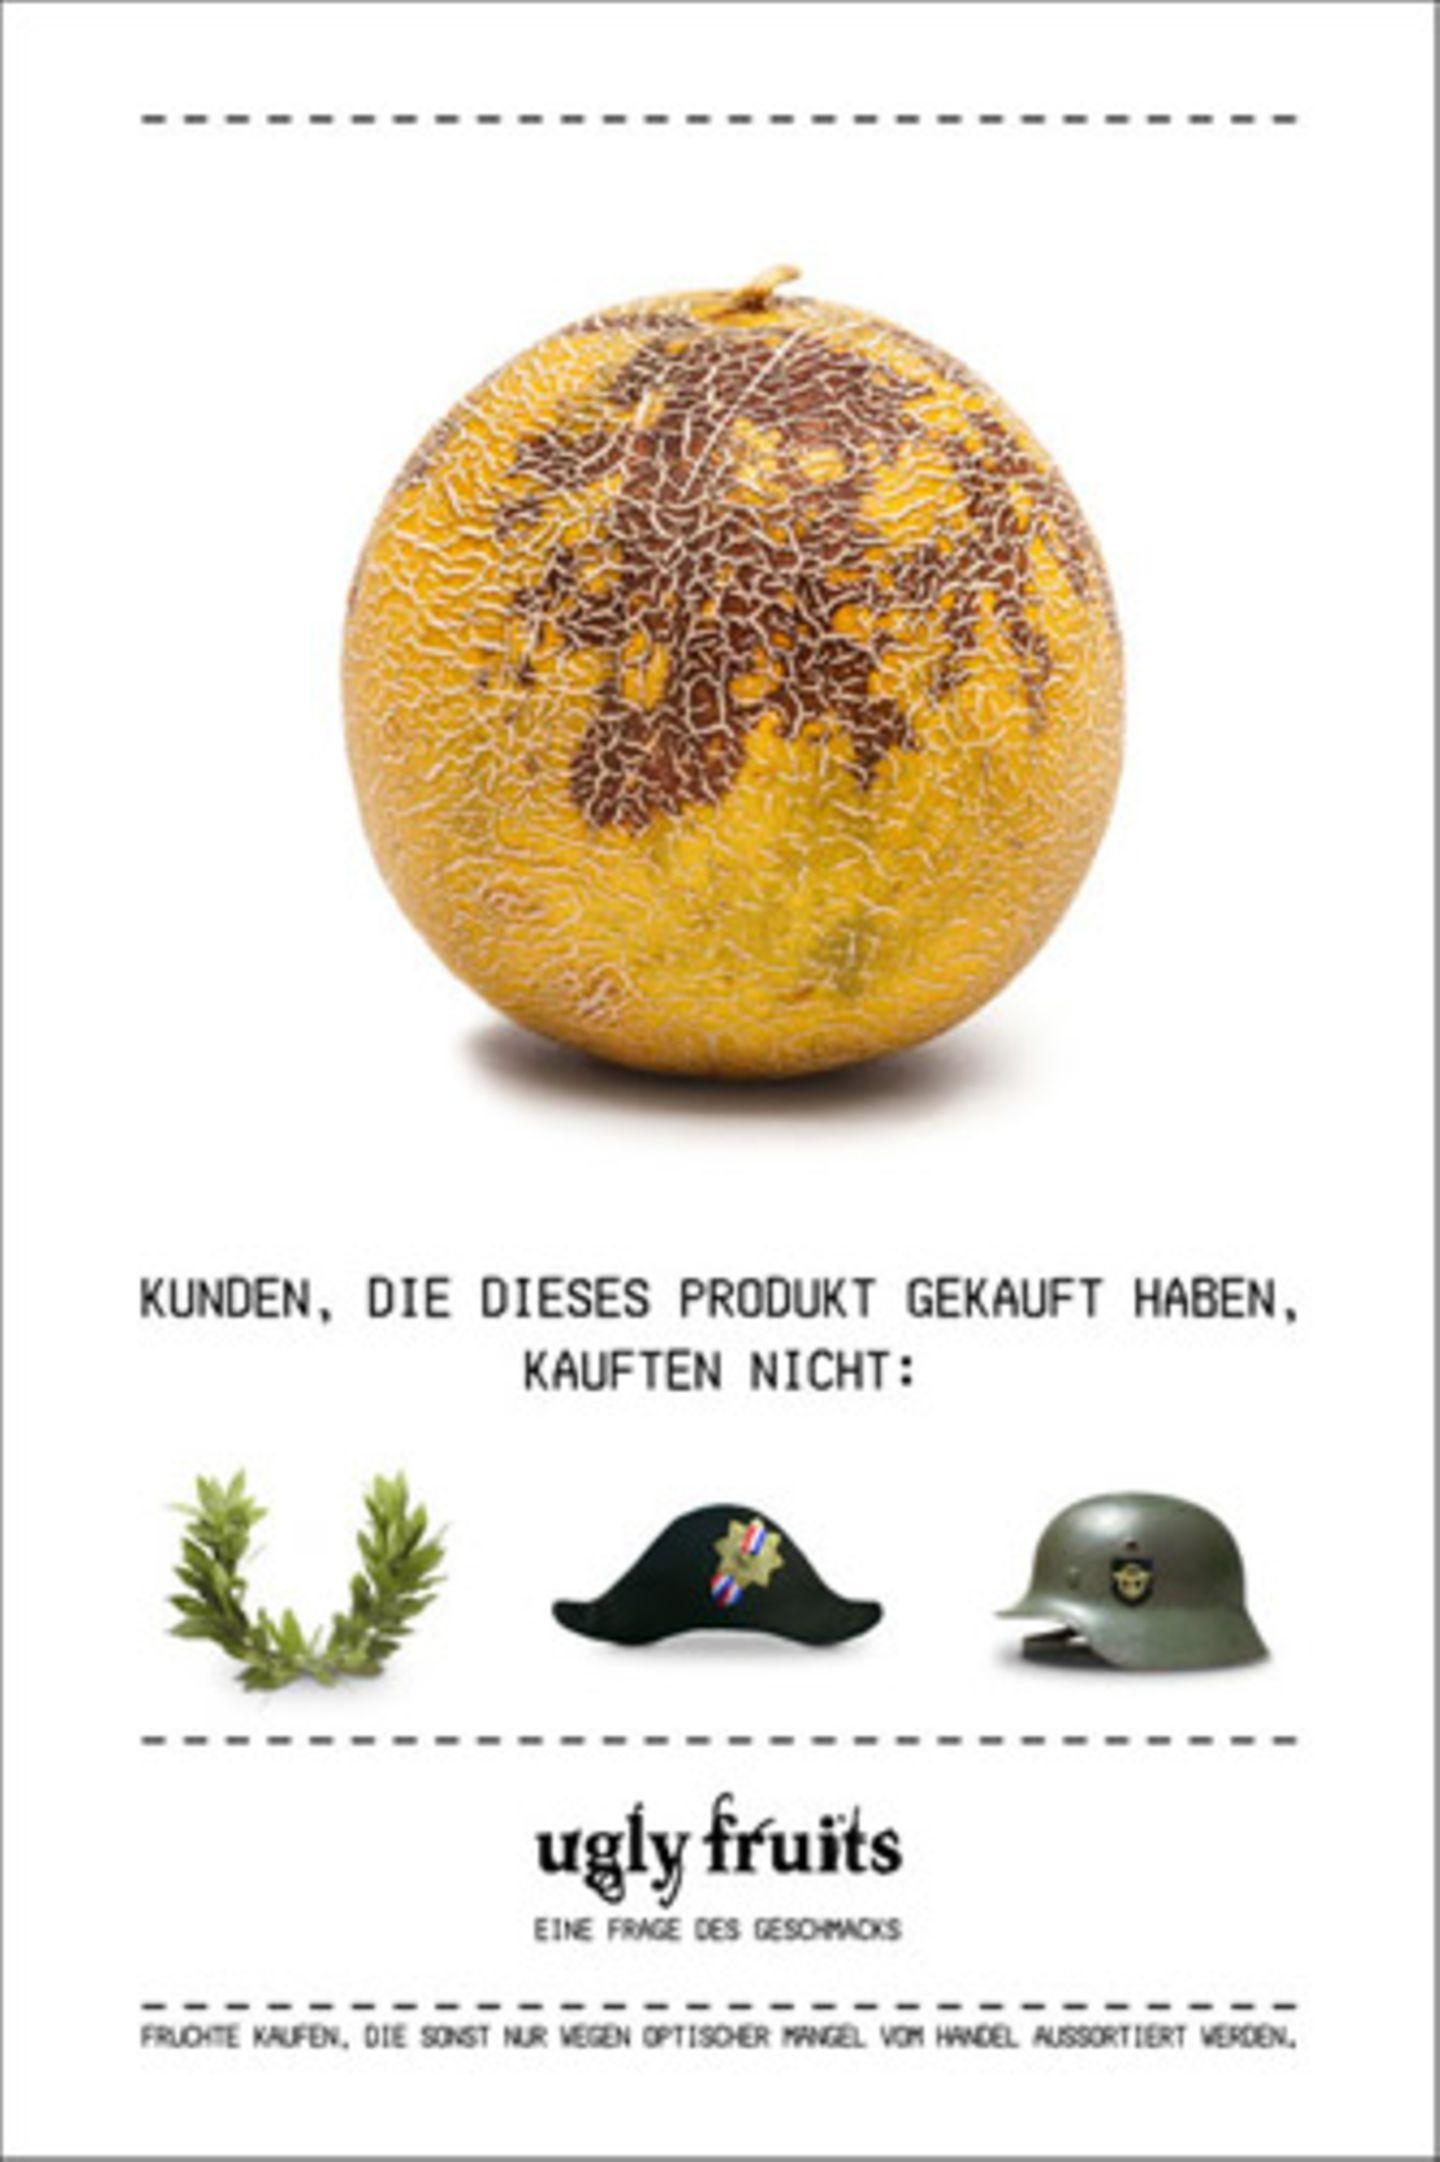 Wer will schon gern in der Militarismus-Ecke stehen? Dann lieber fleckige Melonen kaufen...